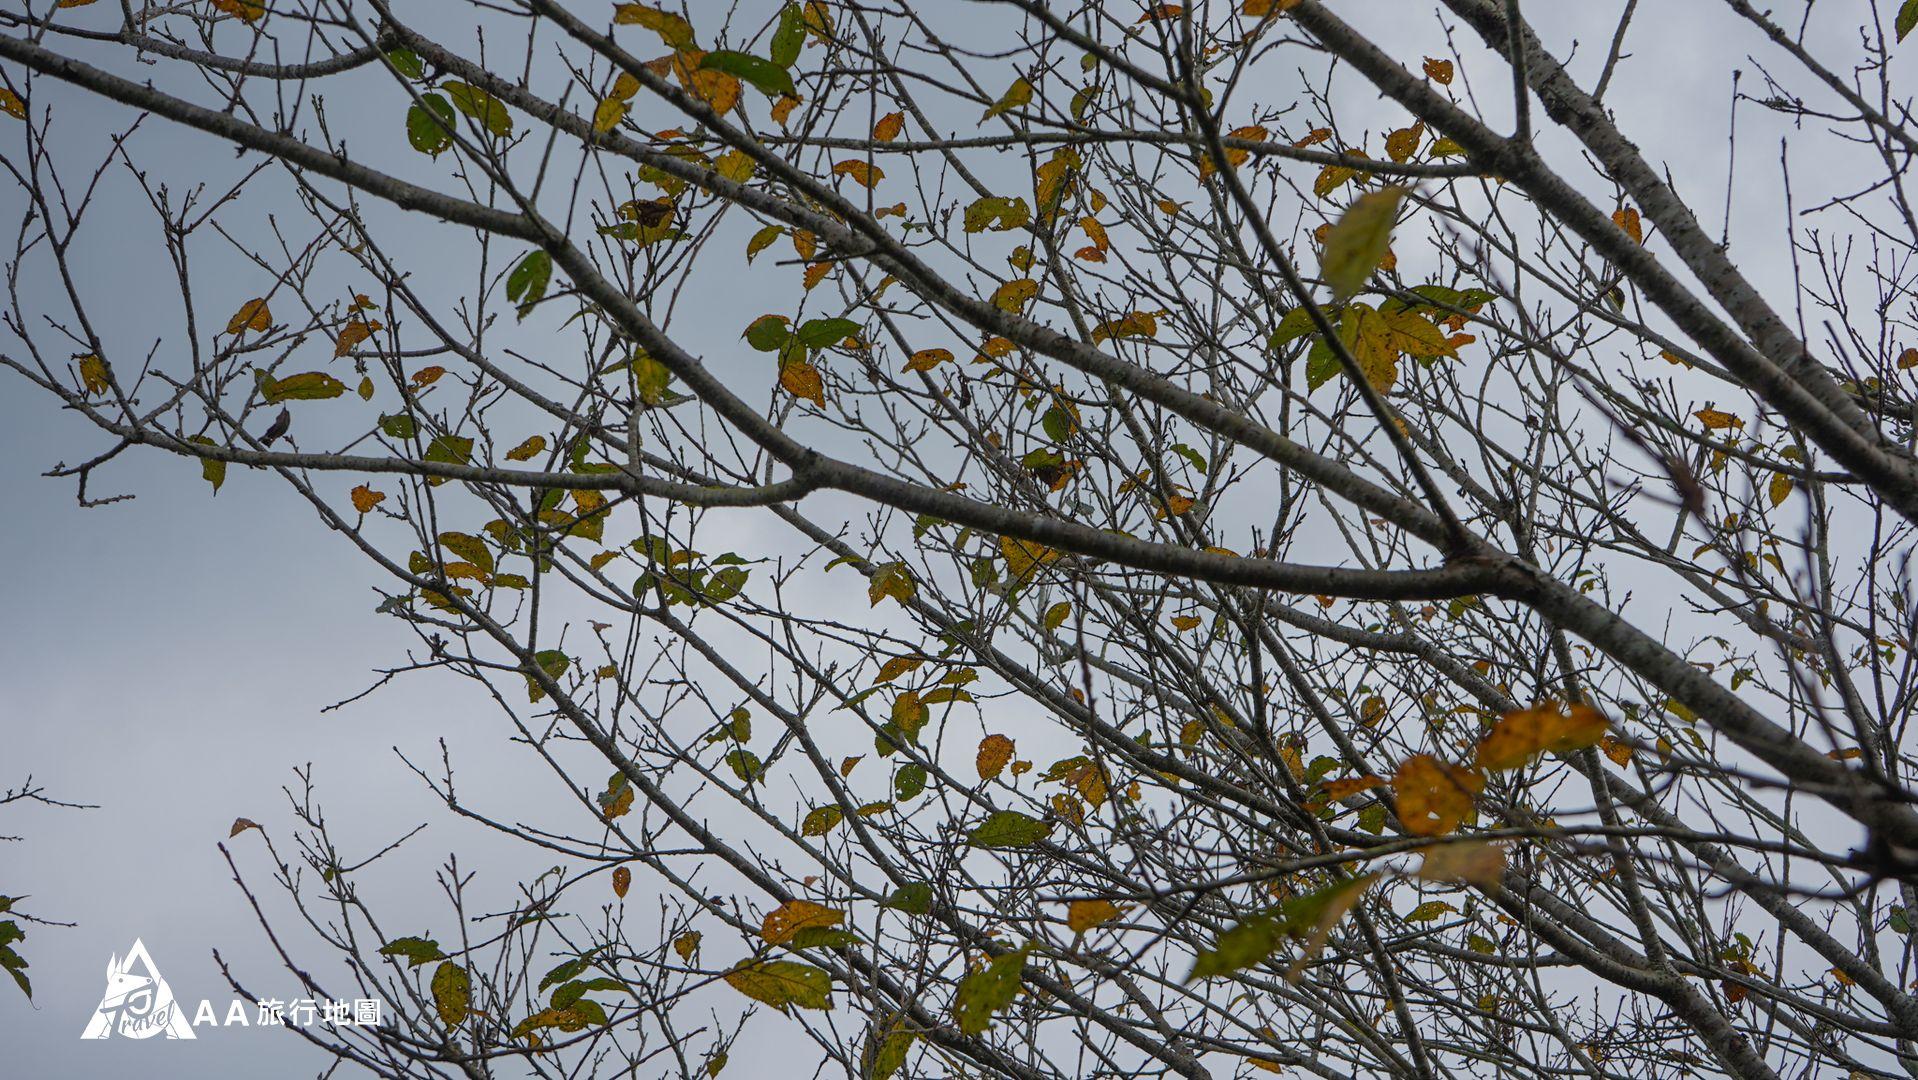 鳳凰亭序 這時候來樹葉慢慢轉黃了,拍起來有一種不一樣的味道